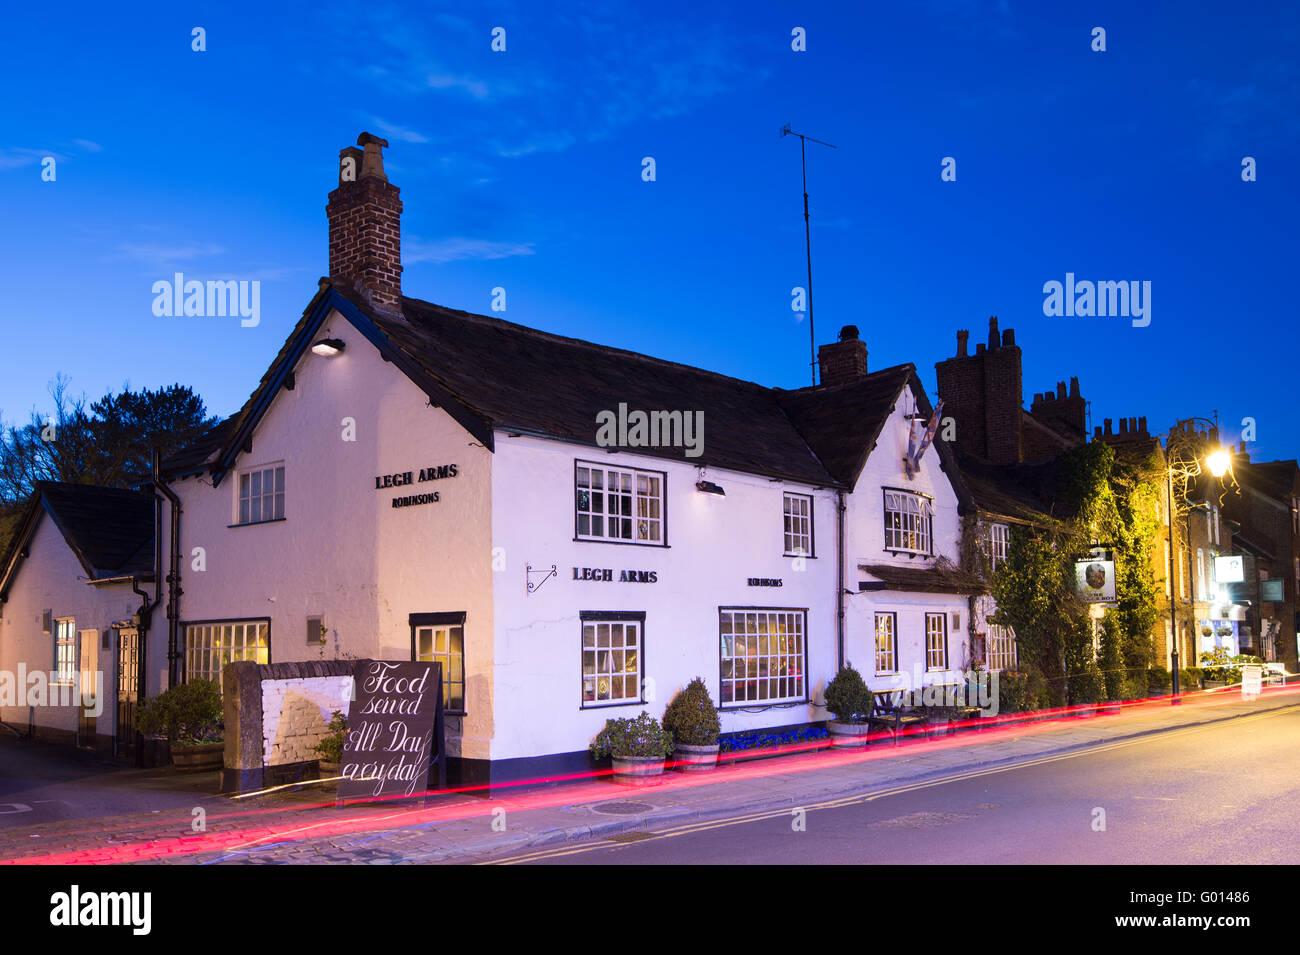 Le pub Legh Arms à Prestbury Village, la nuit, près de Prestbury, Macclesfield, Cheshire. Banque D'Images